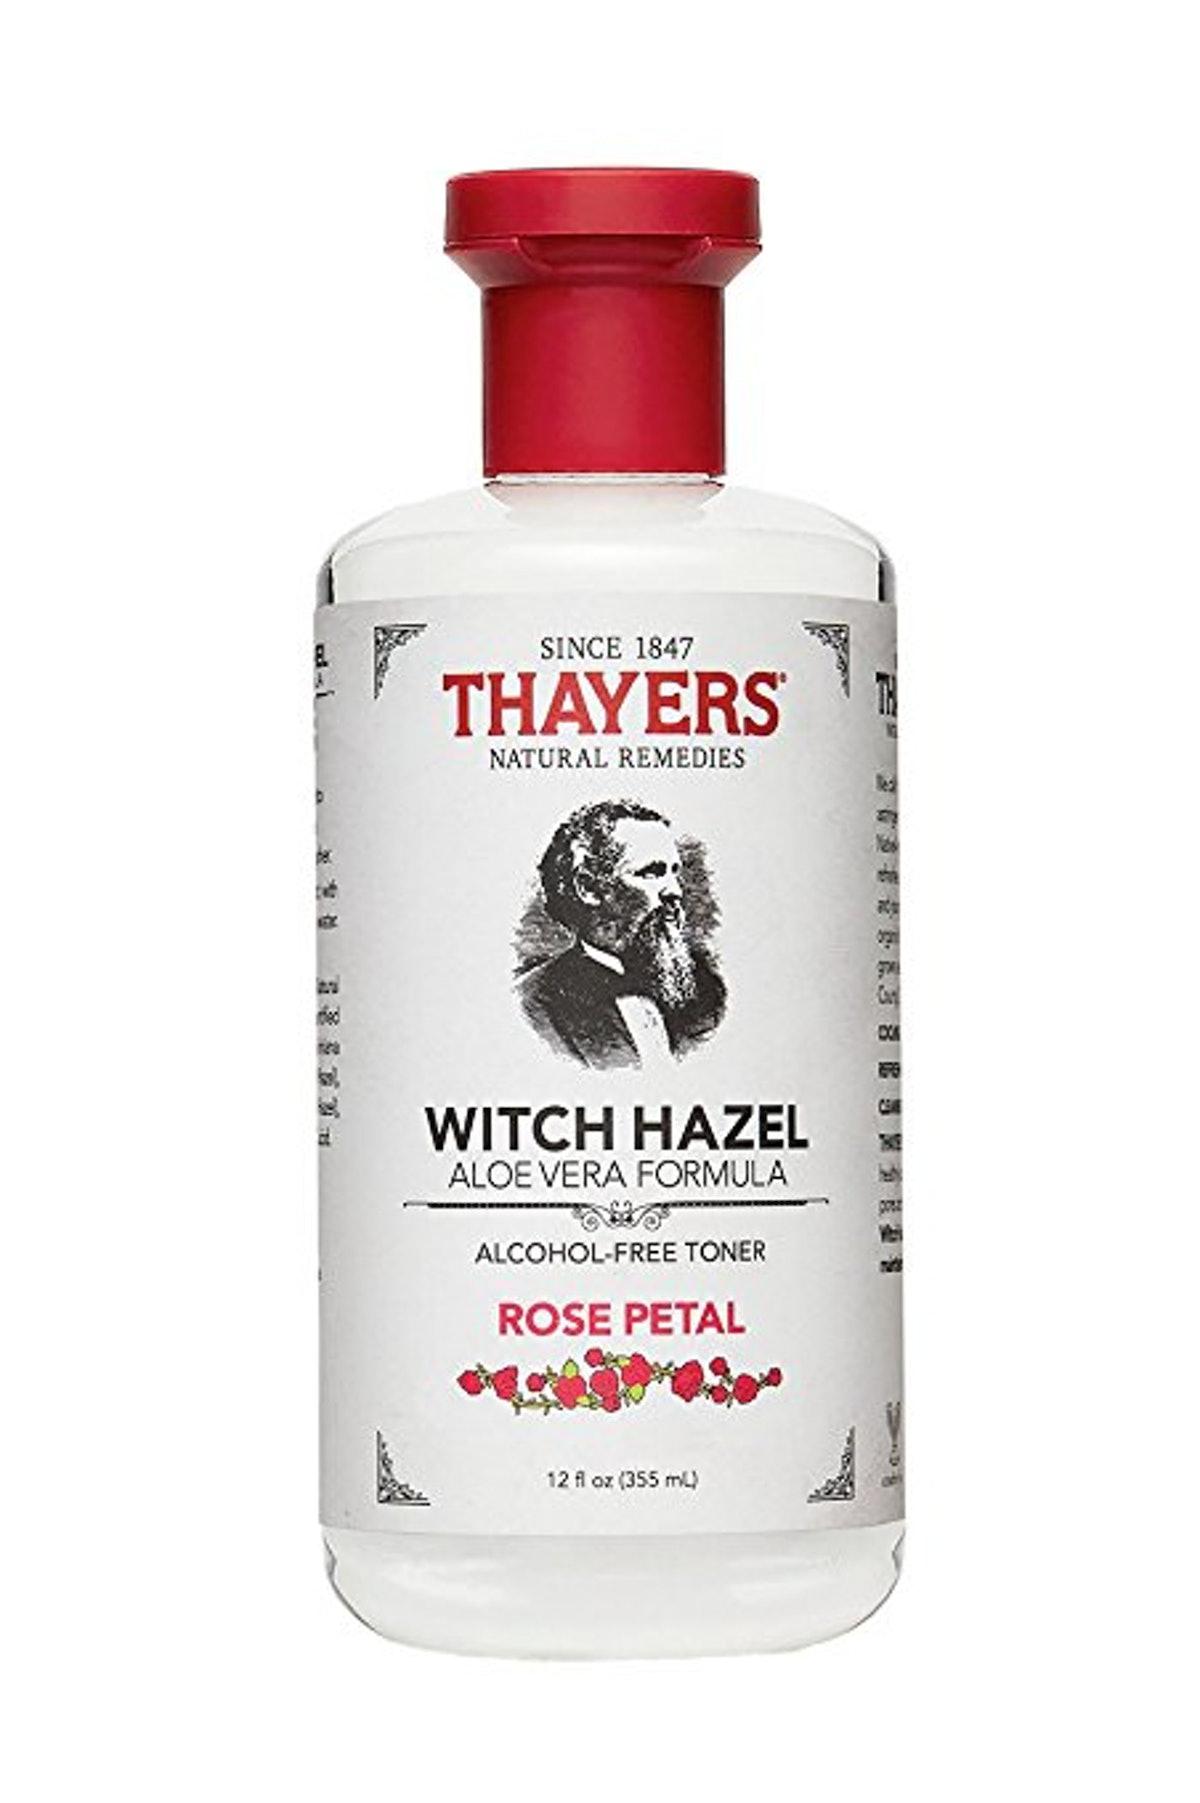 Thayers' Witch Hazel